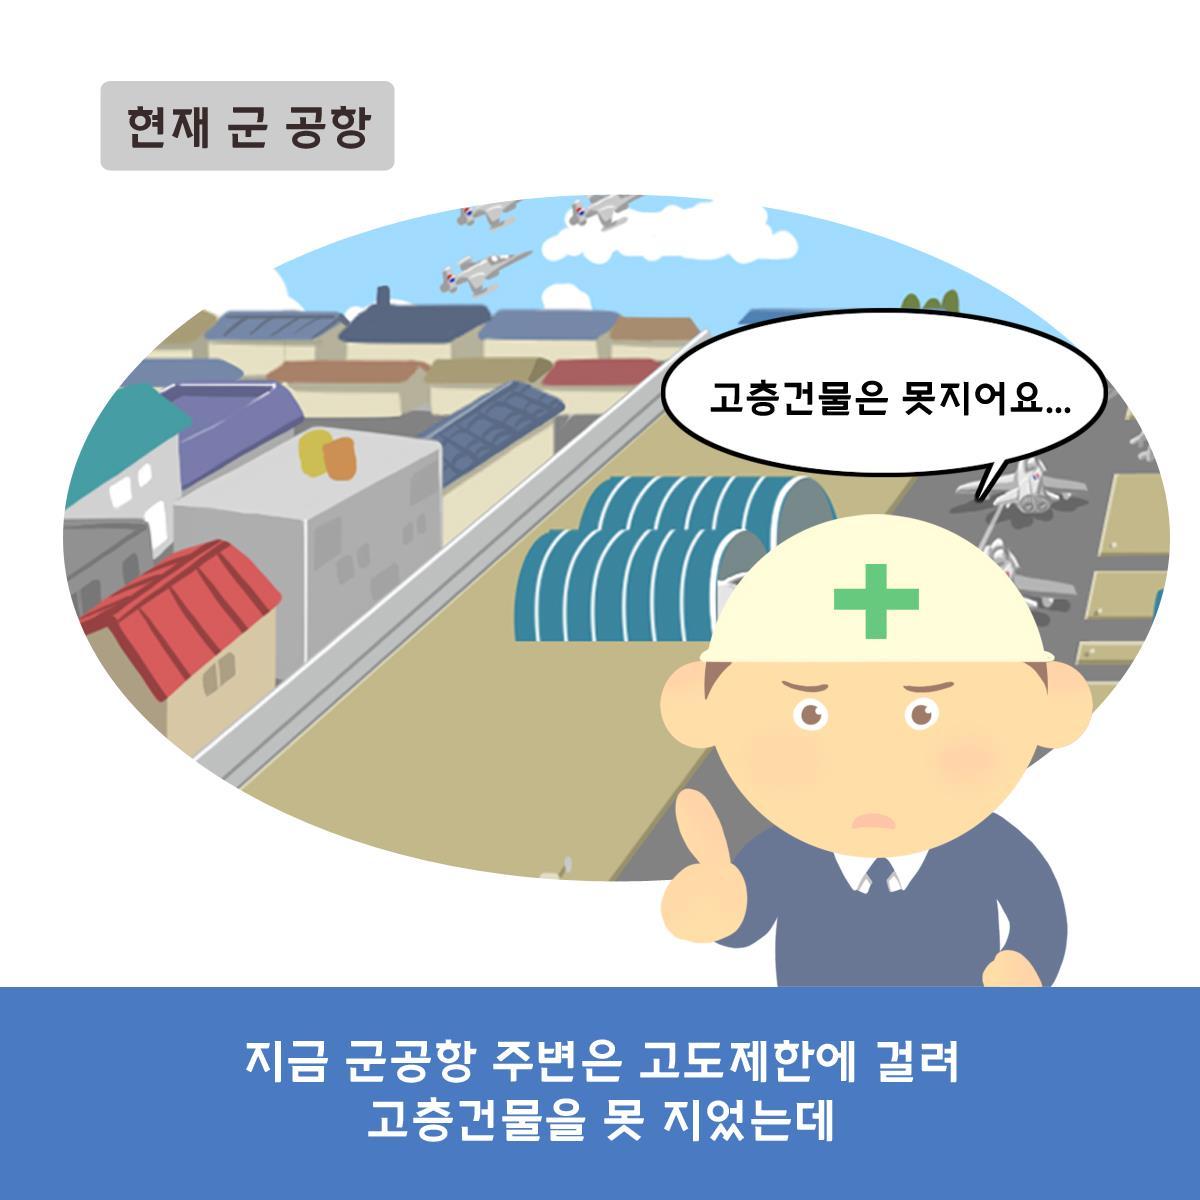 군 공항 이전 사업15